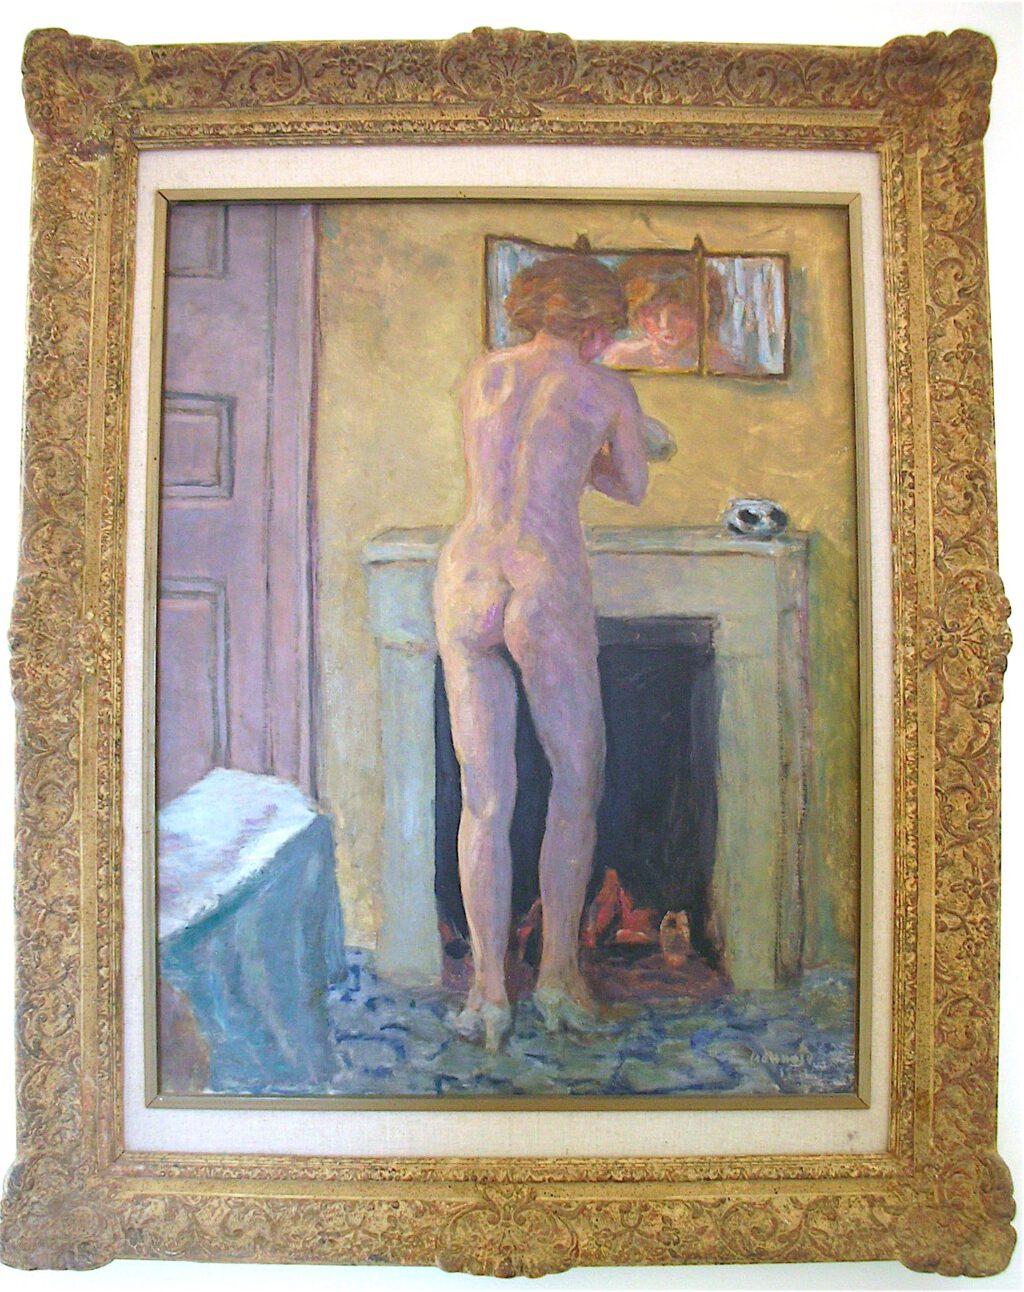 ピエール・ボナール「暖炉の前の裸」1919年、ラノンシアード美術館、サントロペ